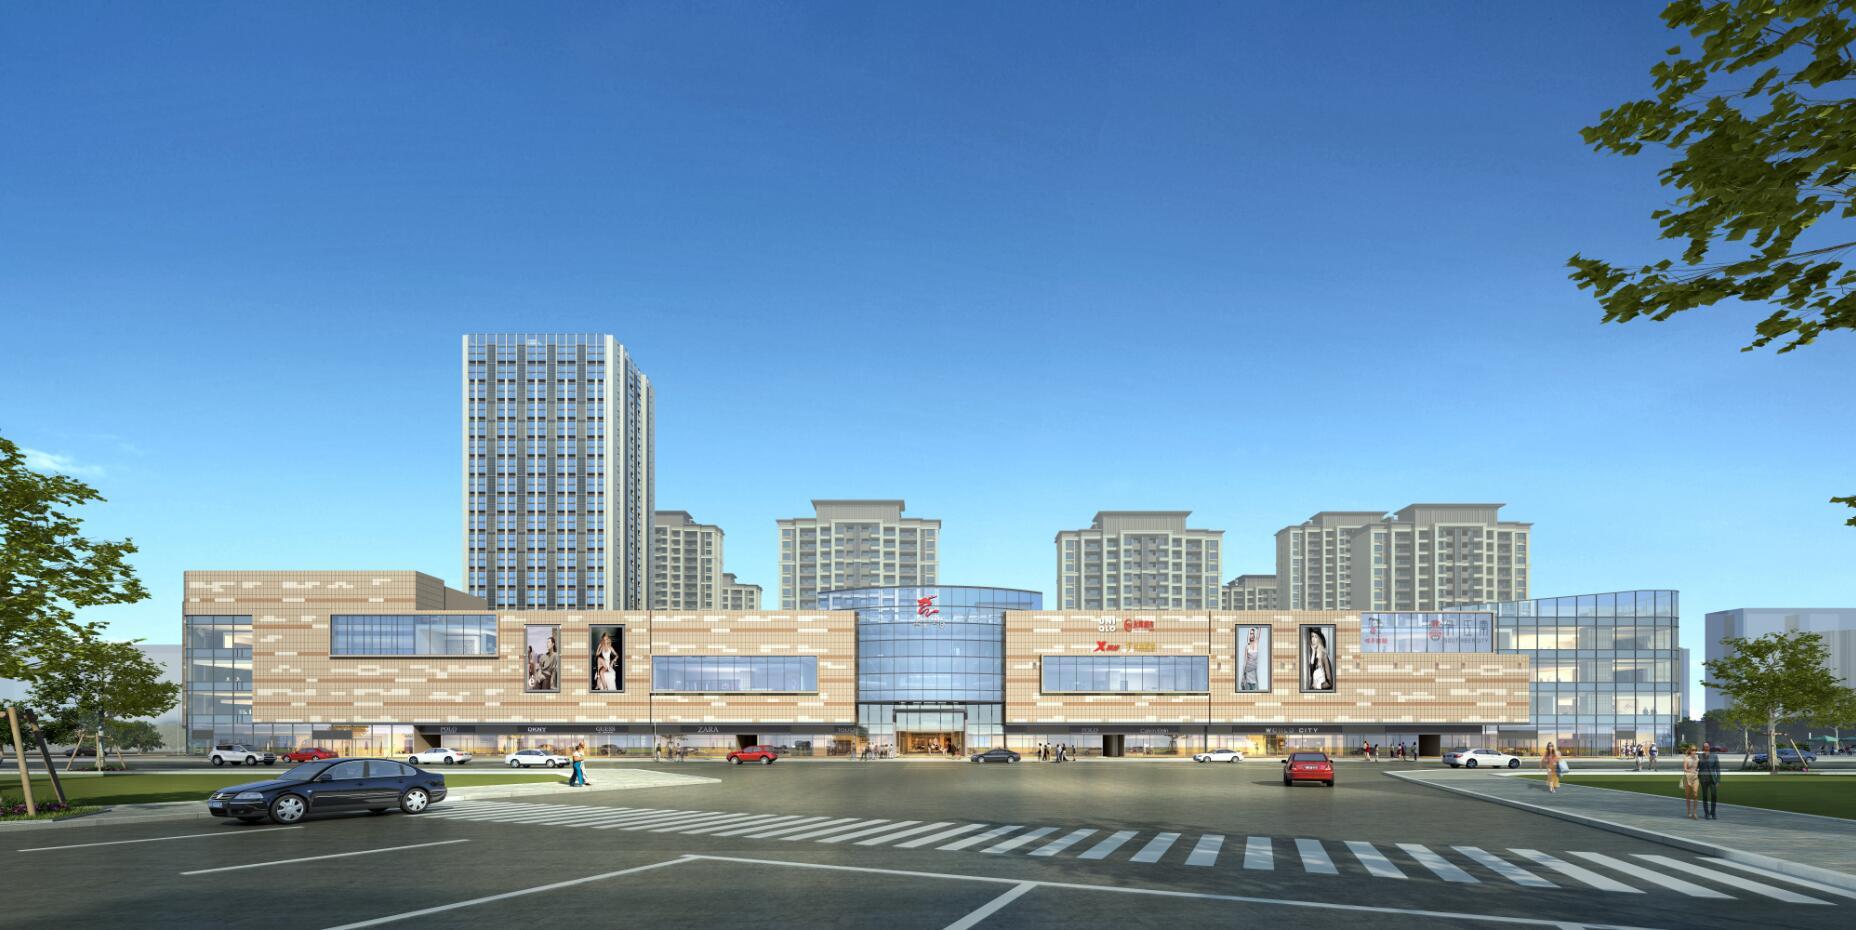 漳州宝龙广场